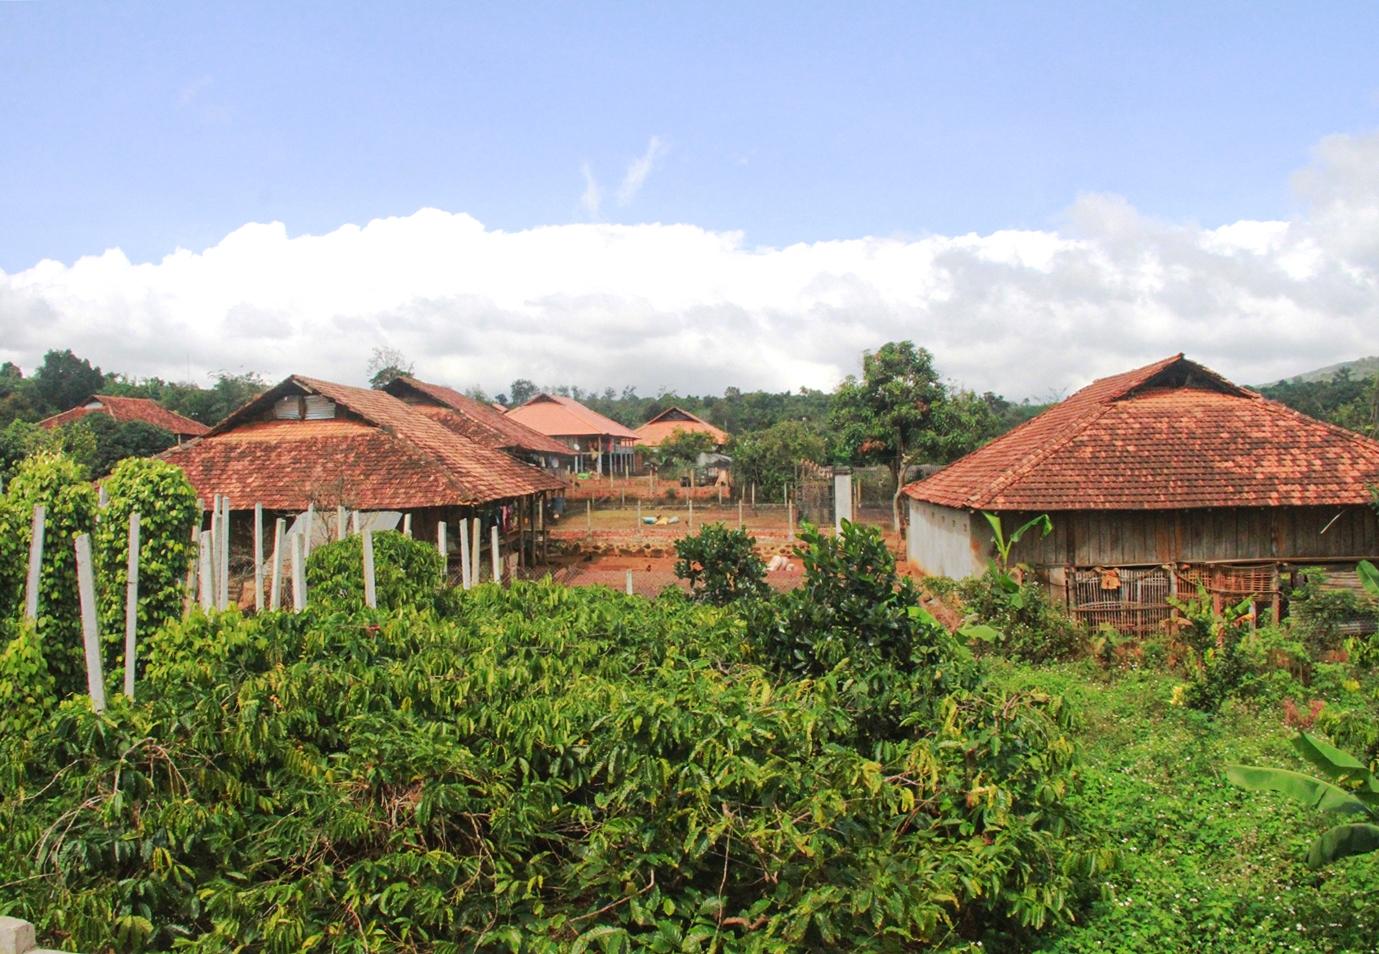 Nhà sàn của đồng bào Nùng huyện Krông Năng, Đắk Lắk